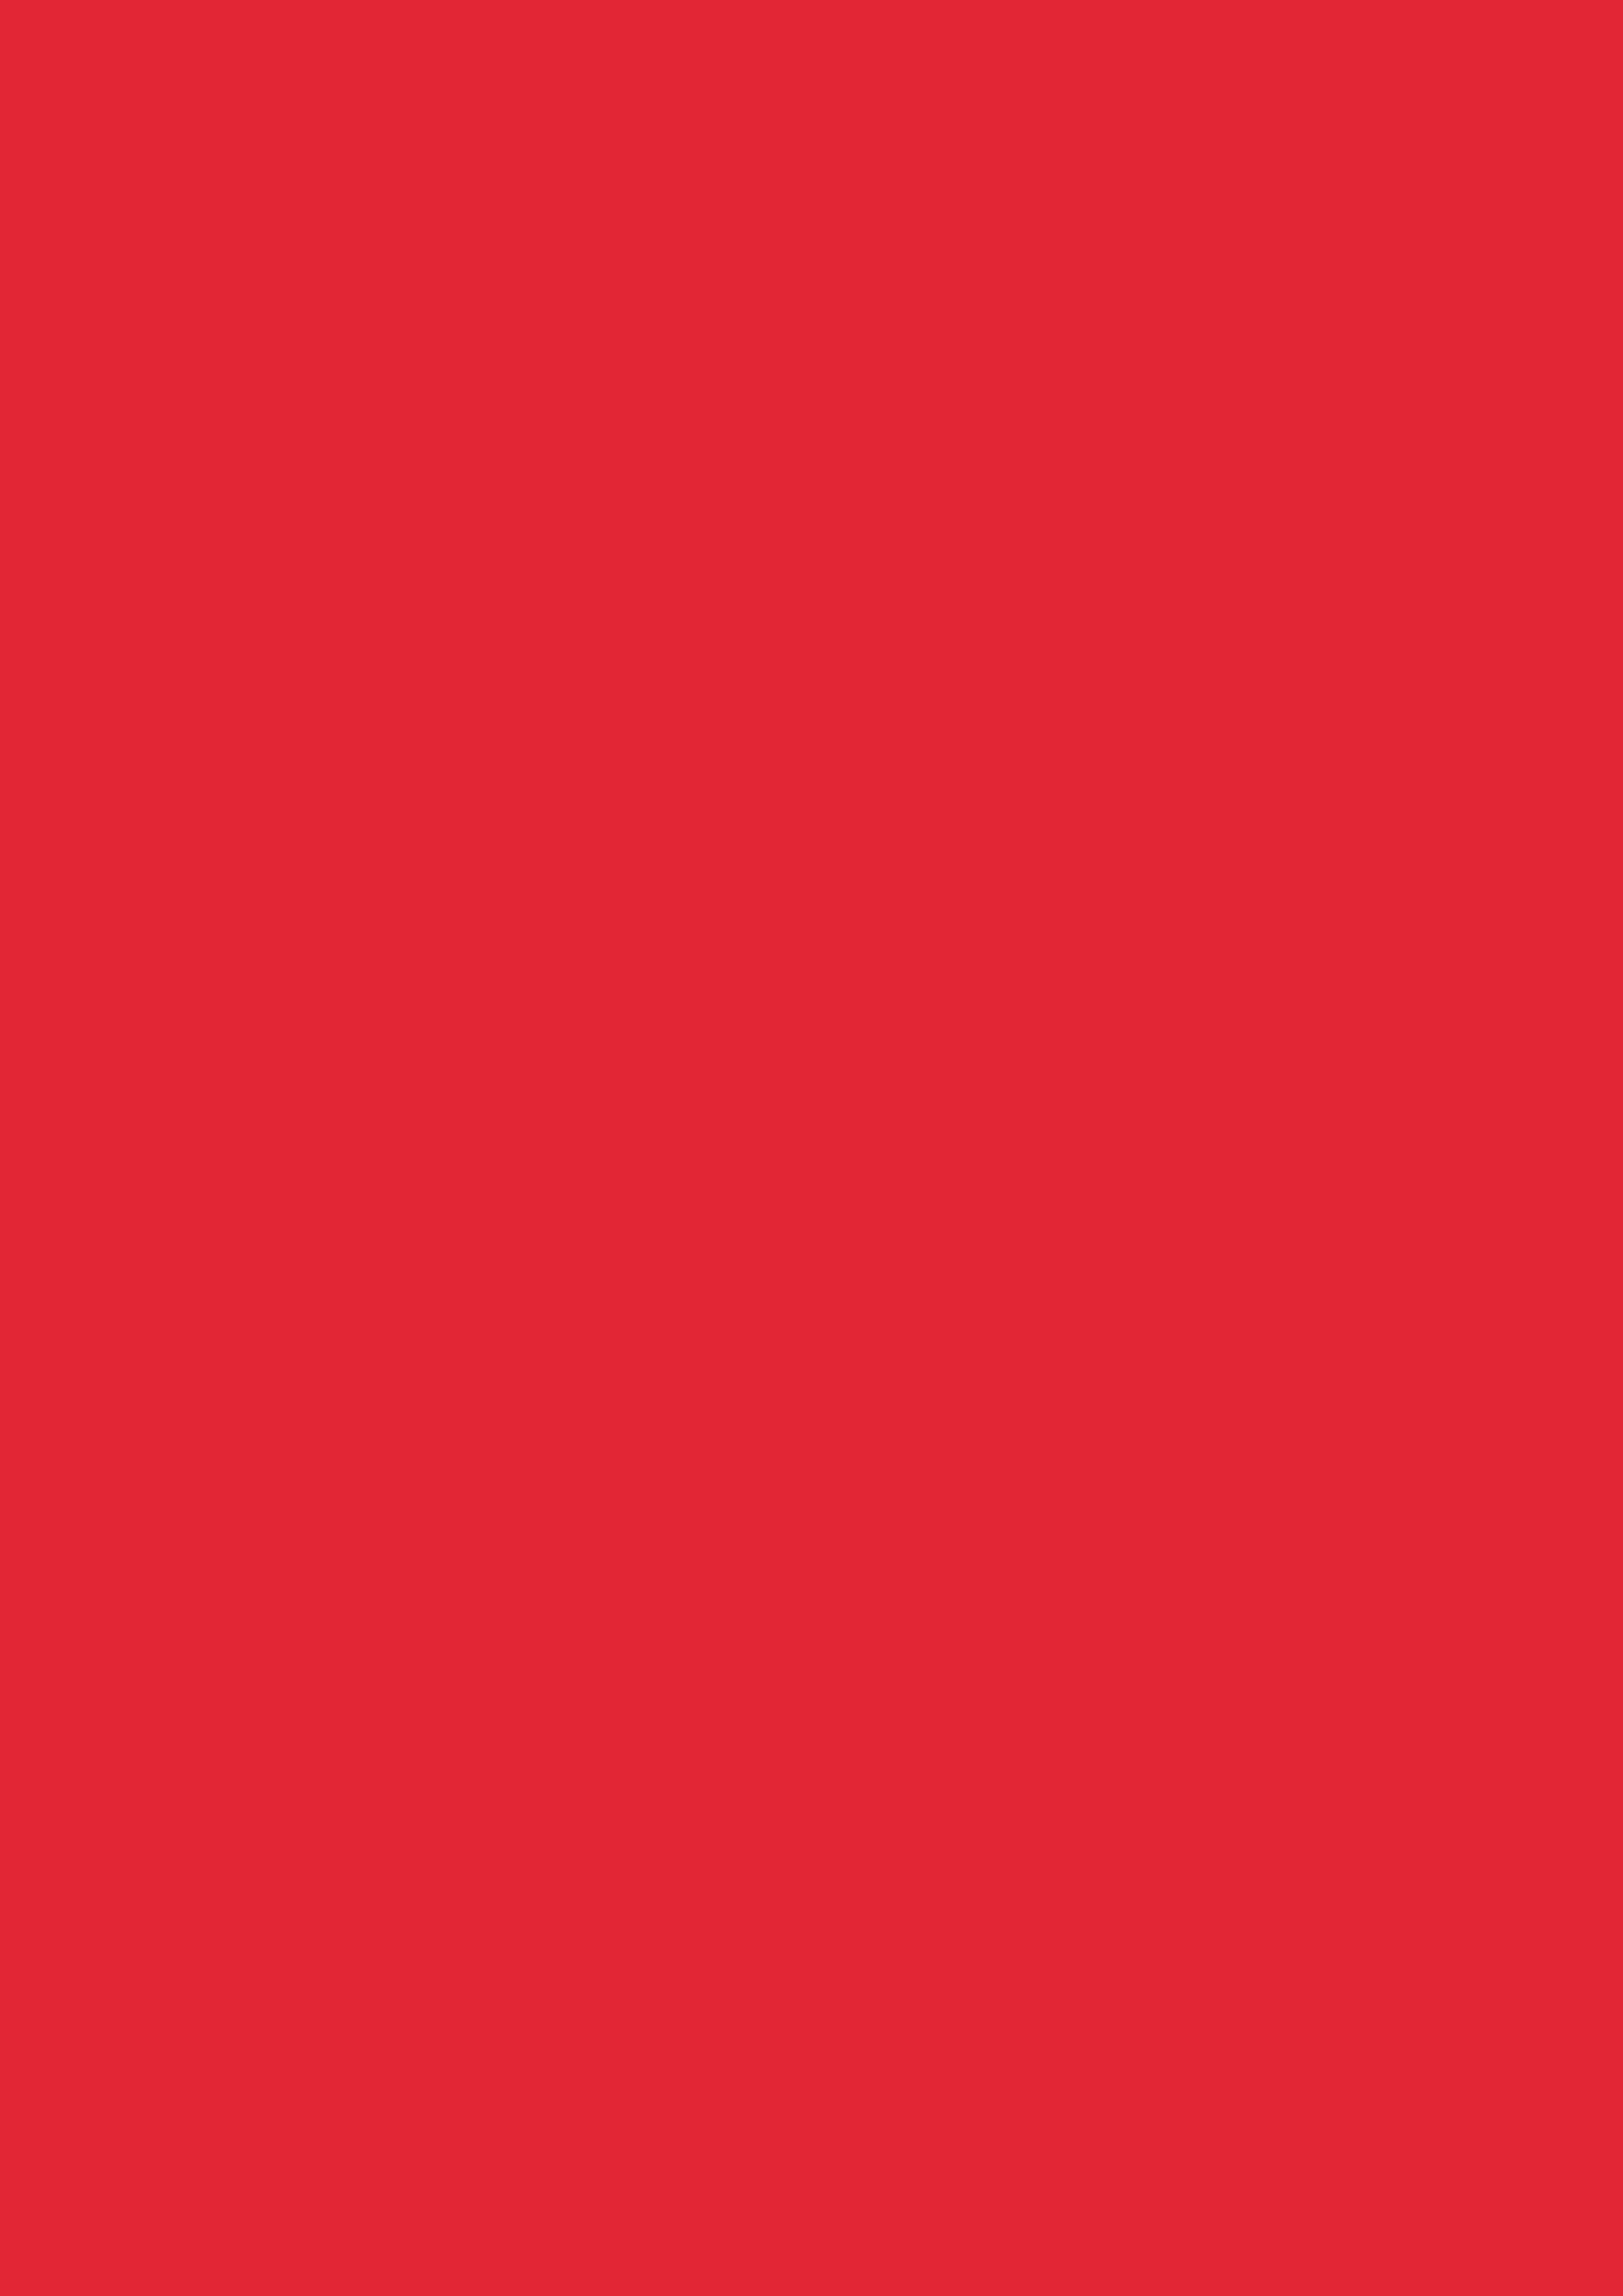 2480x3508 Alizarin Crimson Solid Color Background